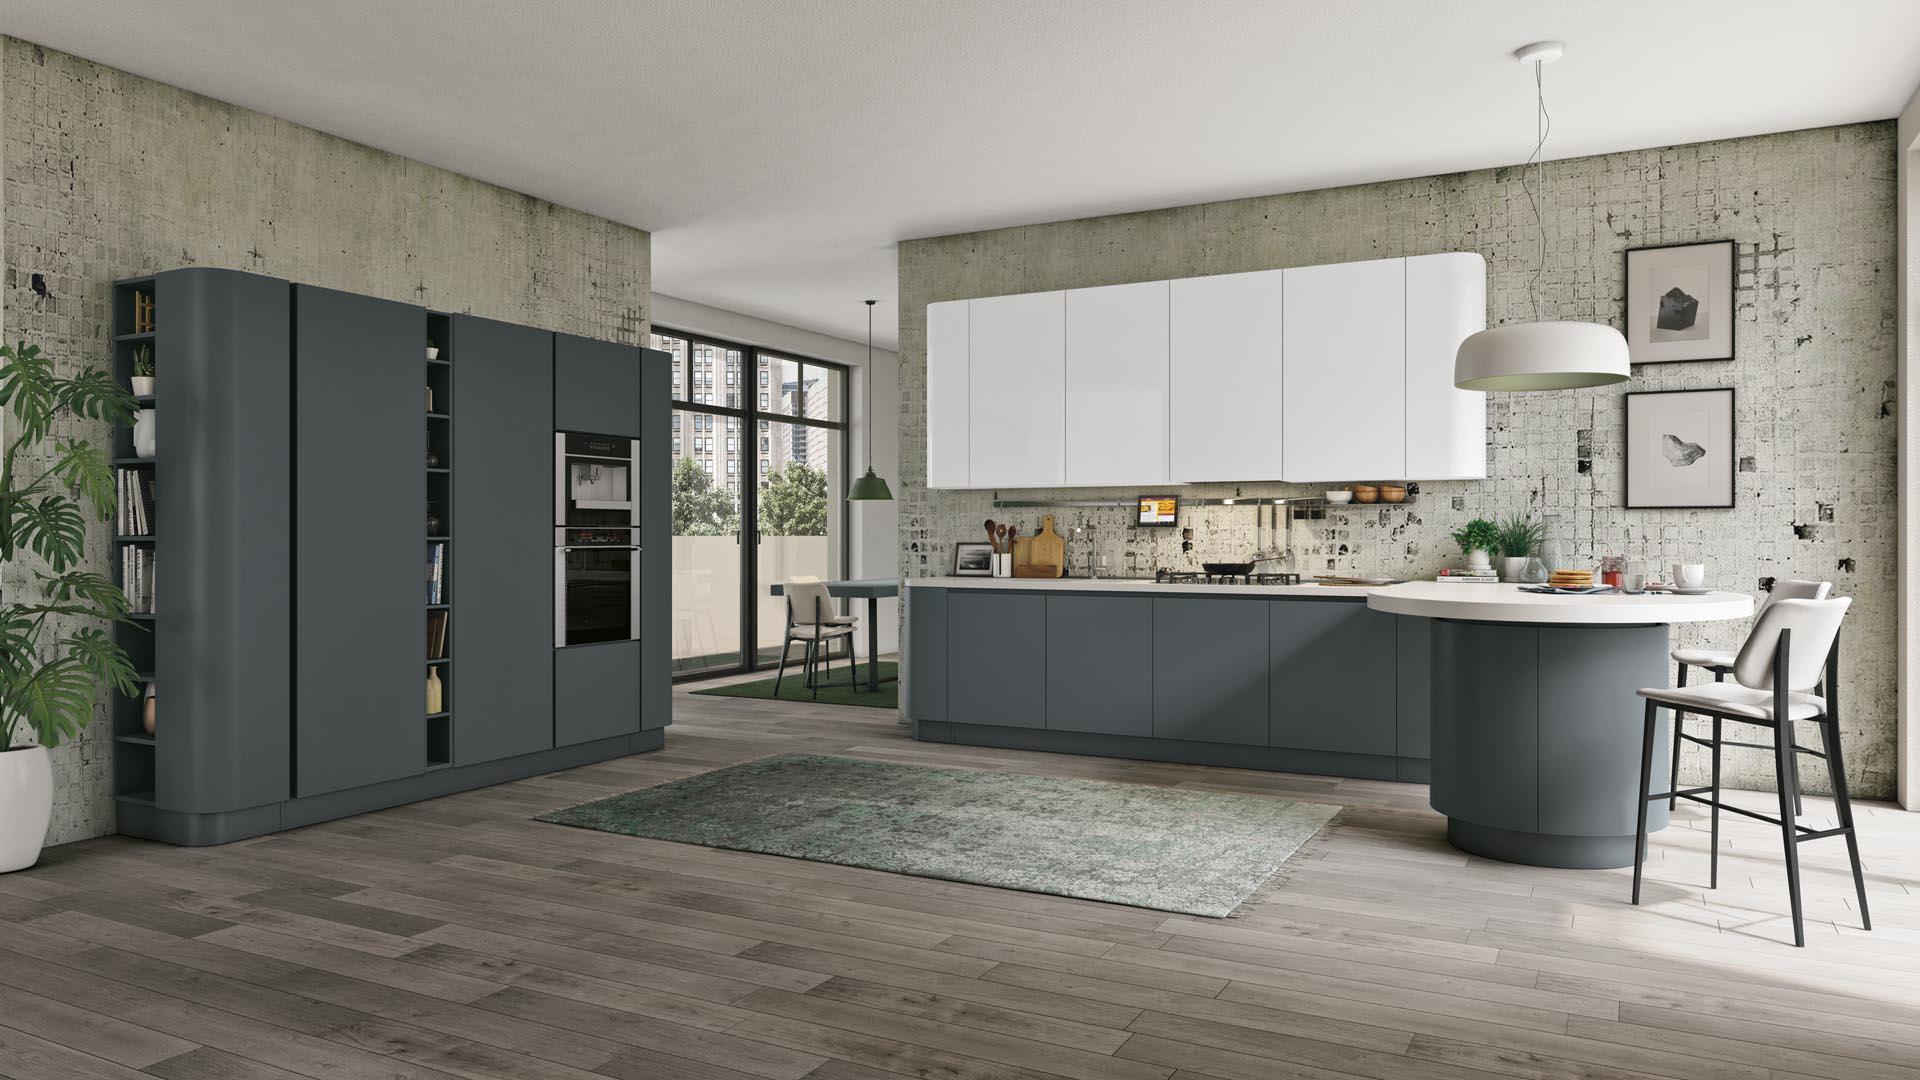 Zona Giorno - TuttoLegno Arredamenti - Rivenditore ufficiale cucine LUBE